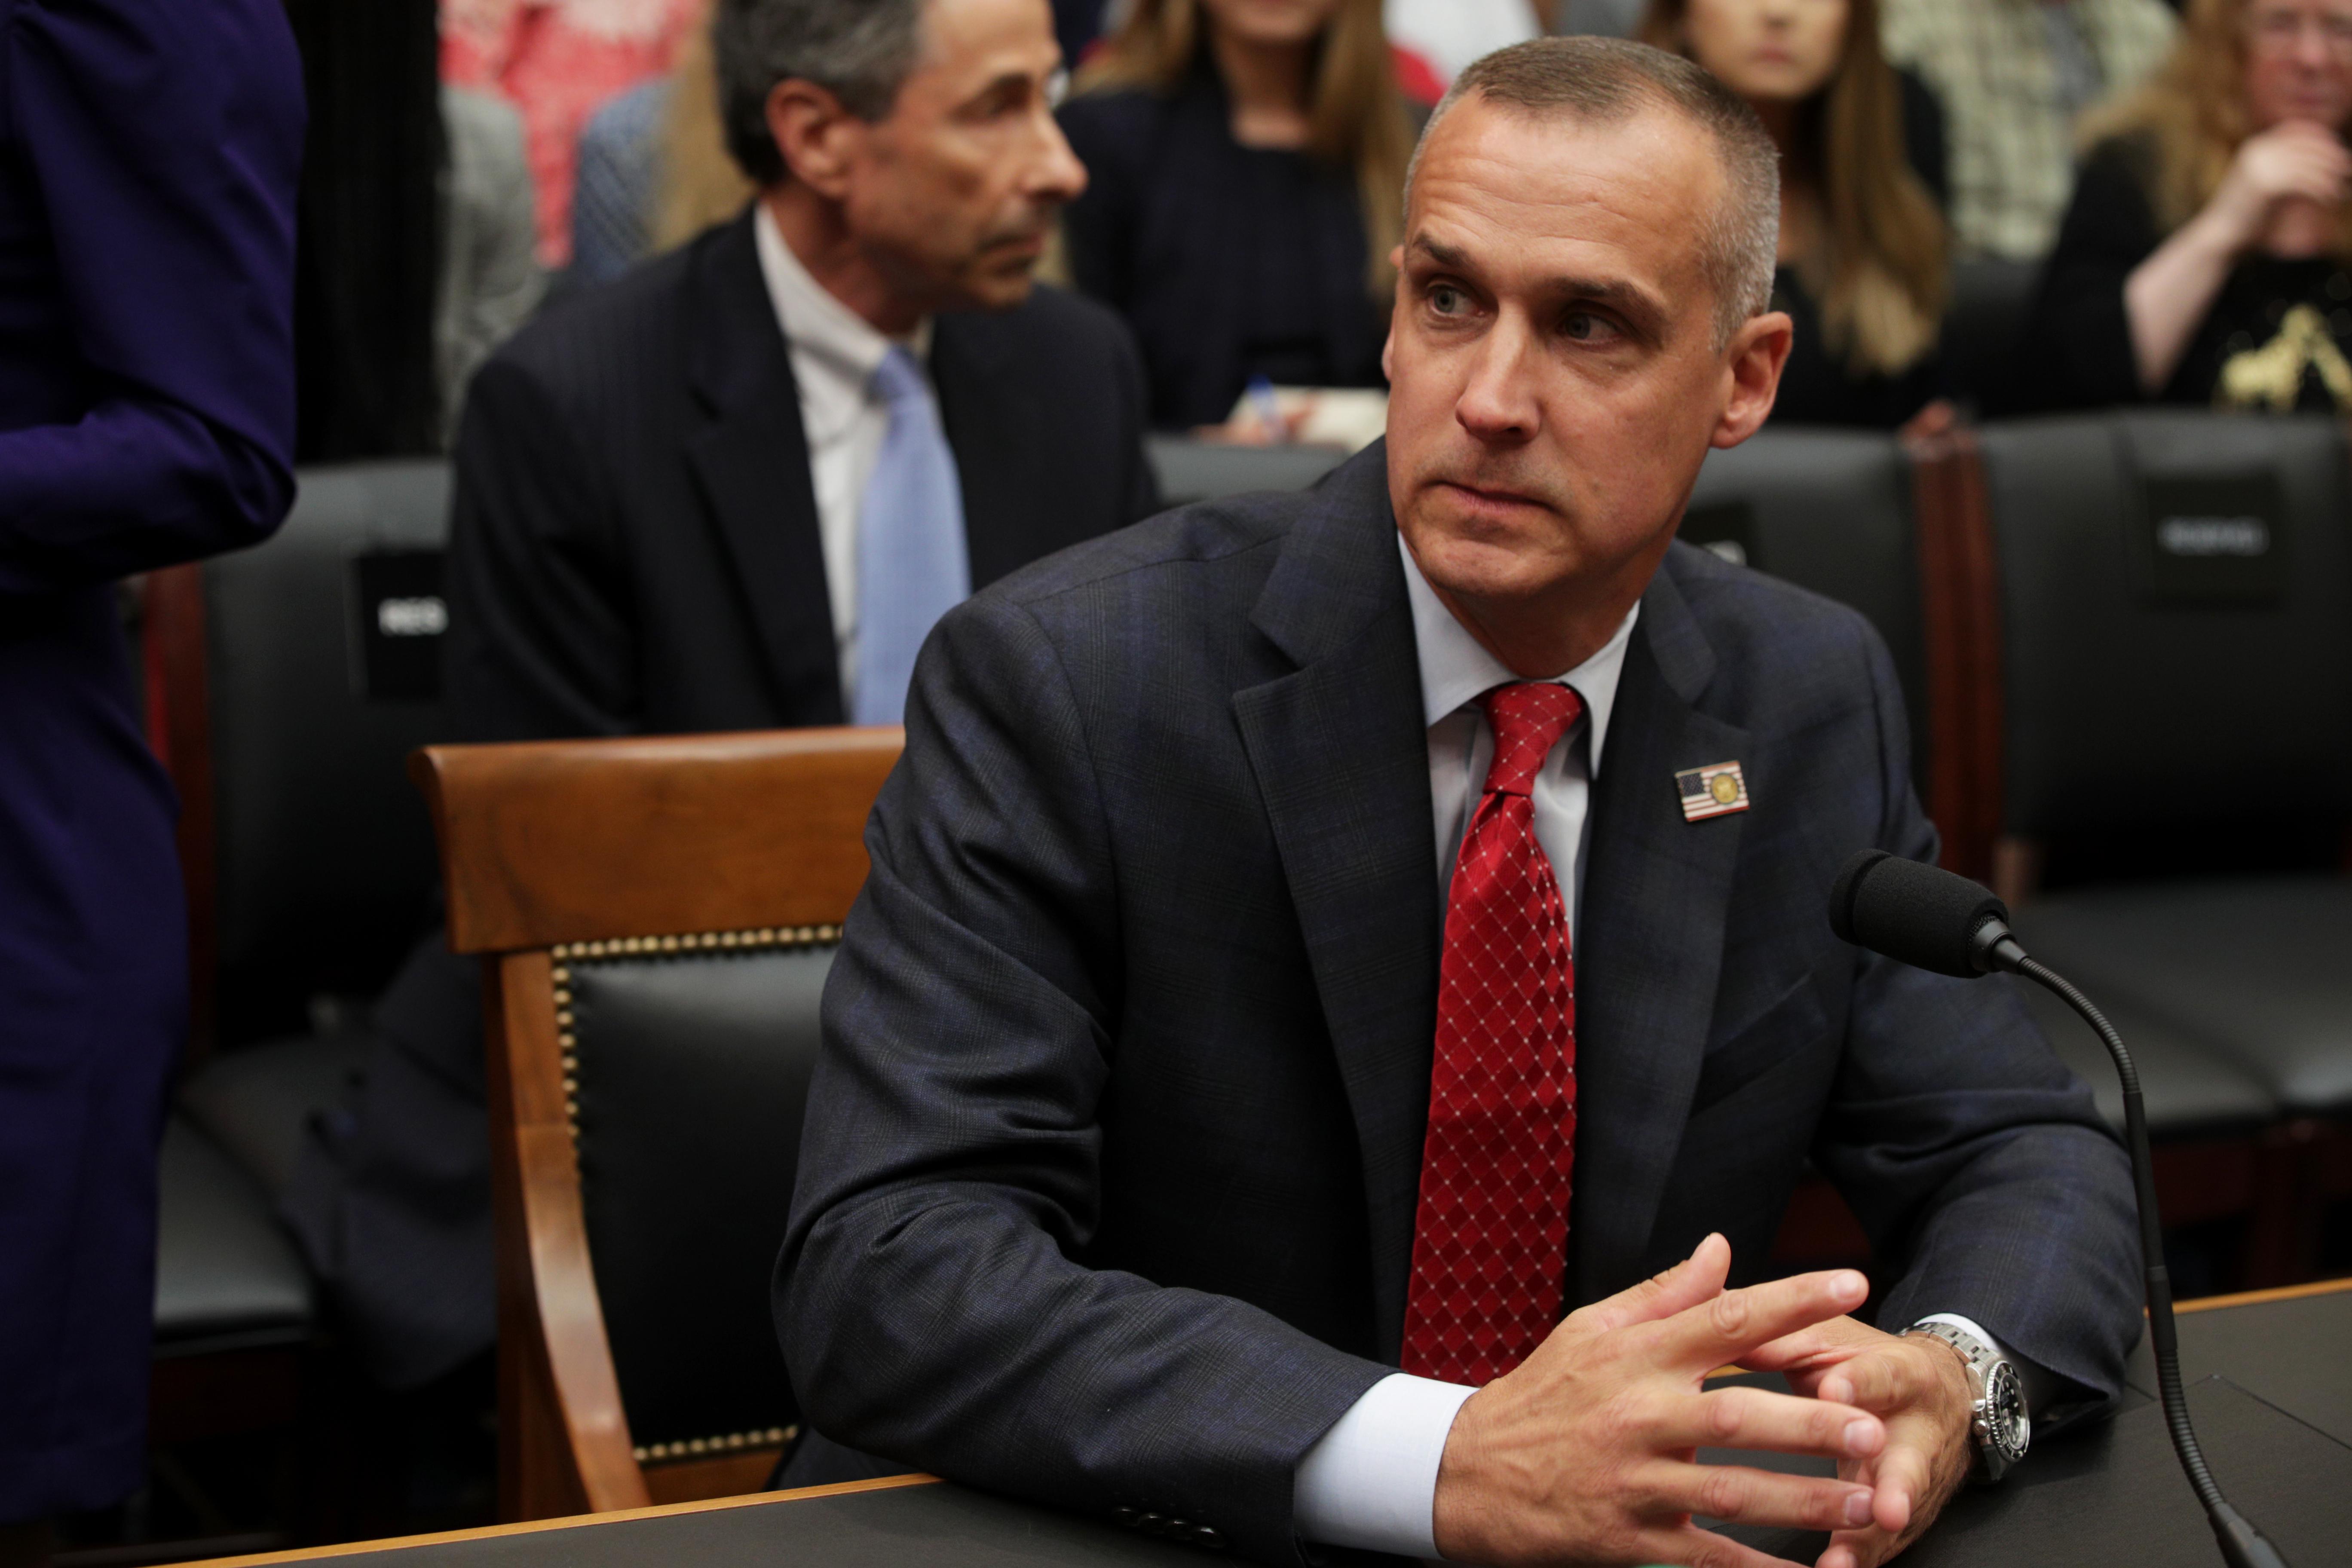 Corey Lewandowski's chaotic congressional testimony, explained